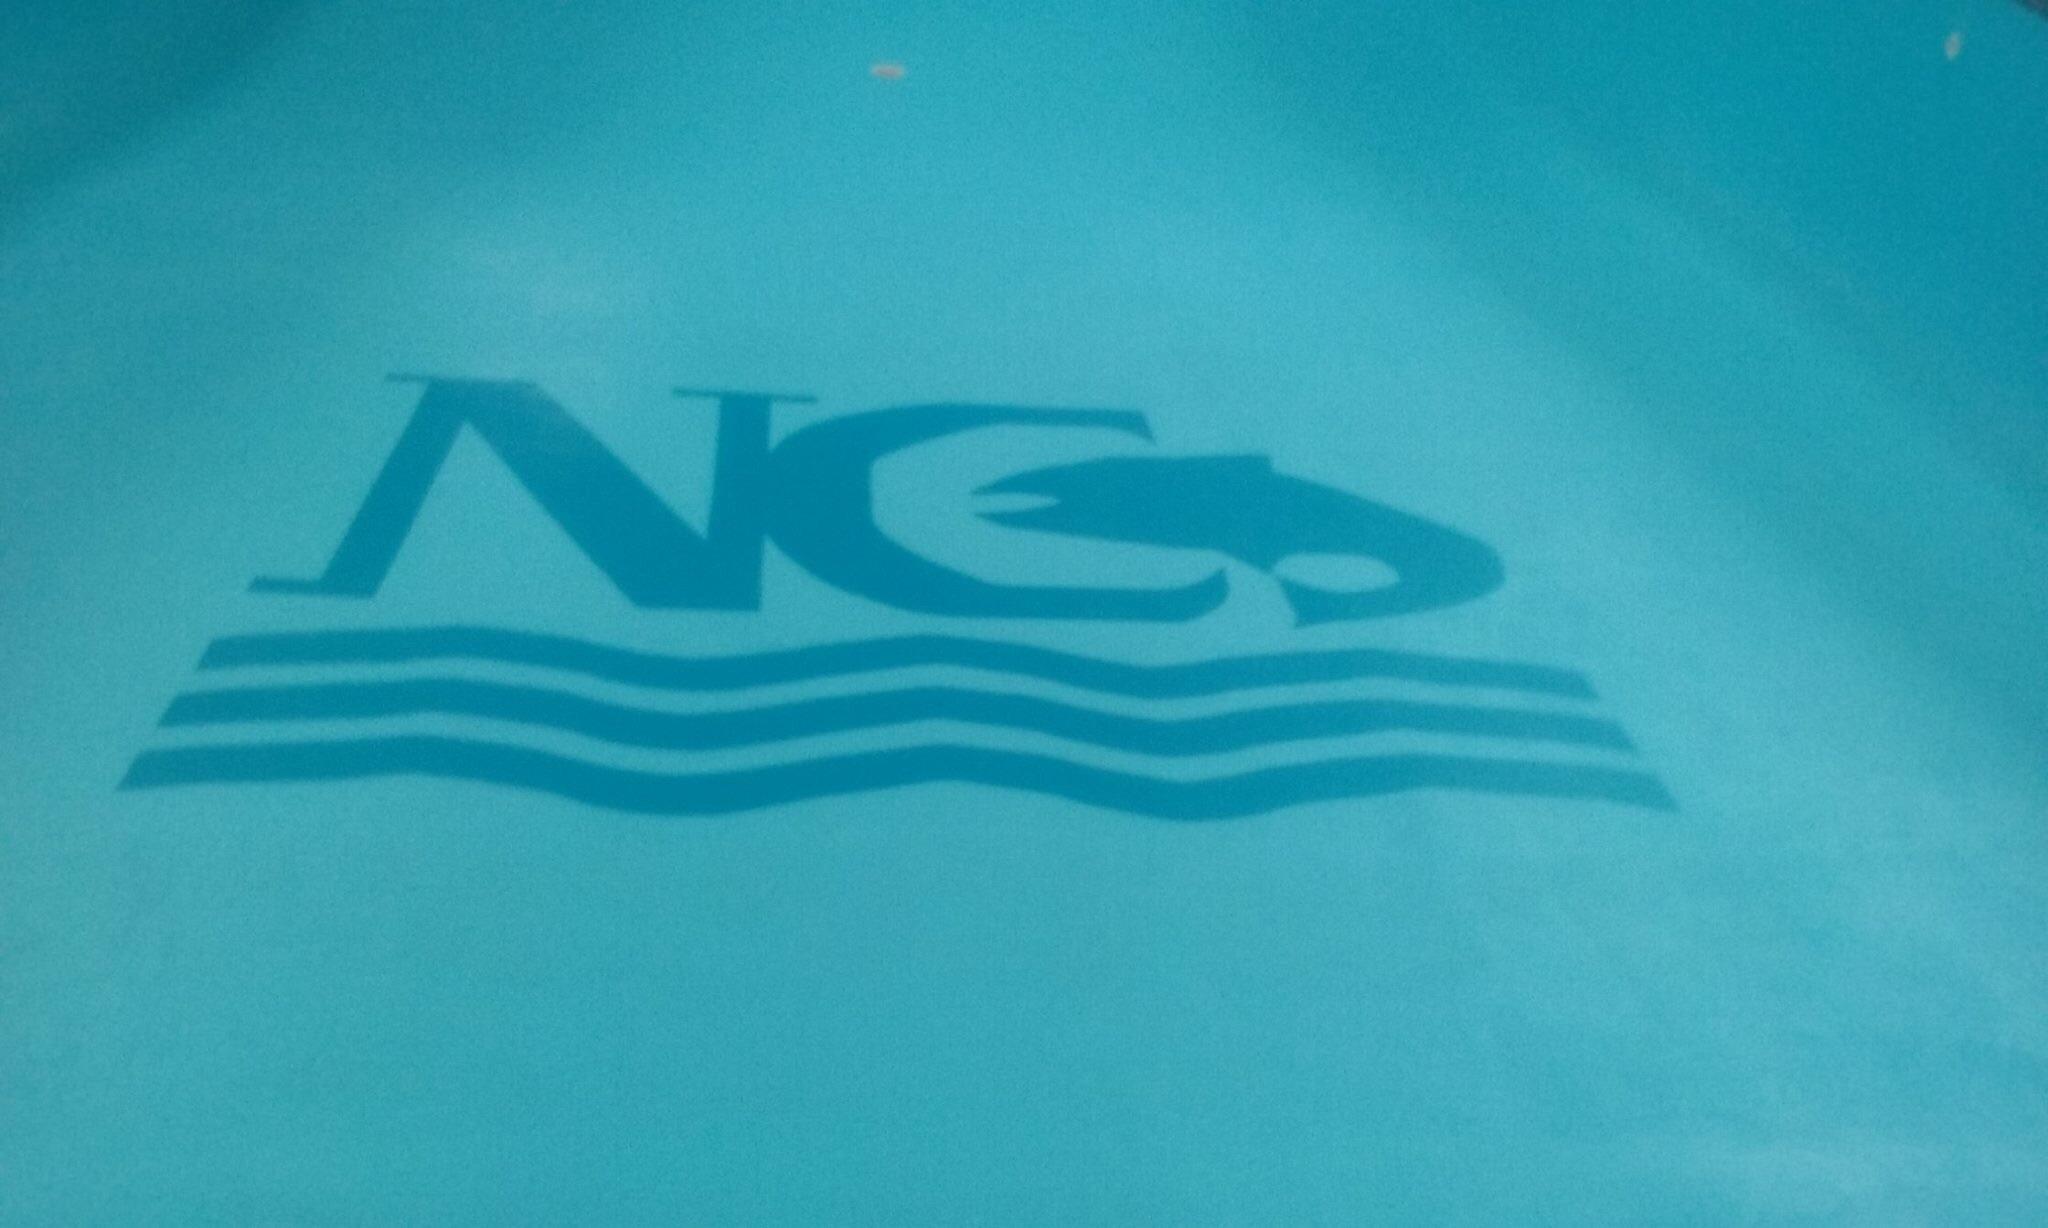 nc pool logo